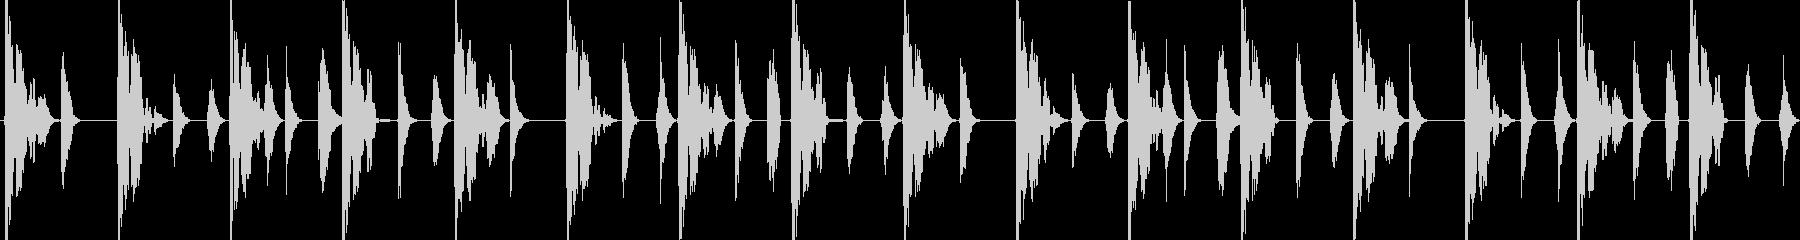 R&Bビート 4小節ループの未再生の波形